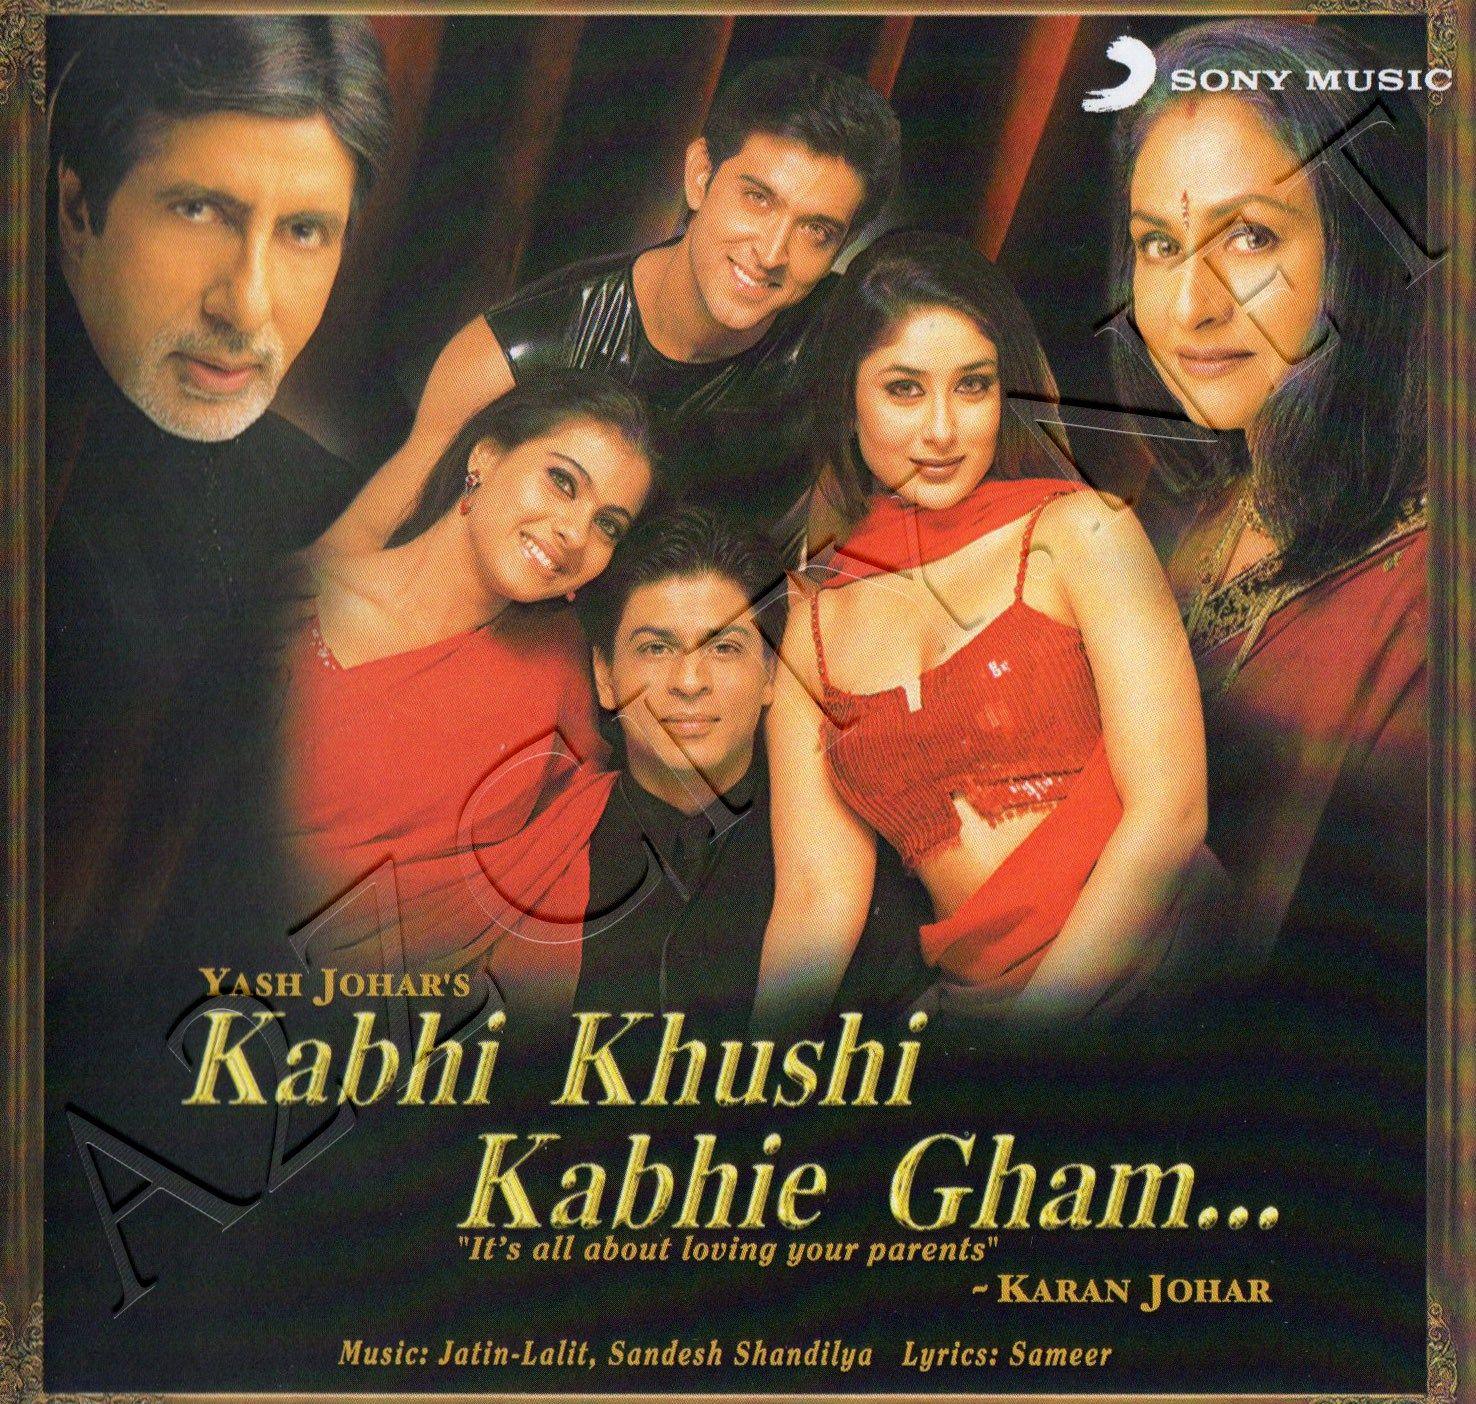 Kabhi Khushi Kabhie Gham 2001 Flac Mp3 Song Download Mp3 Song Songs